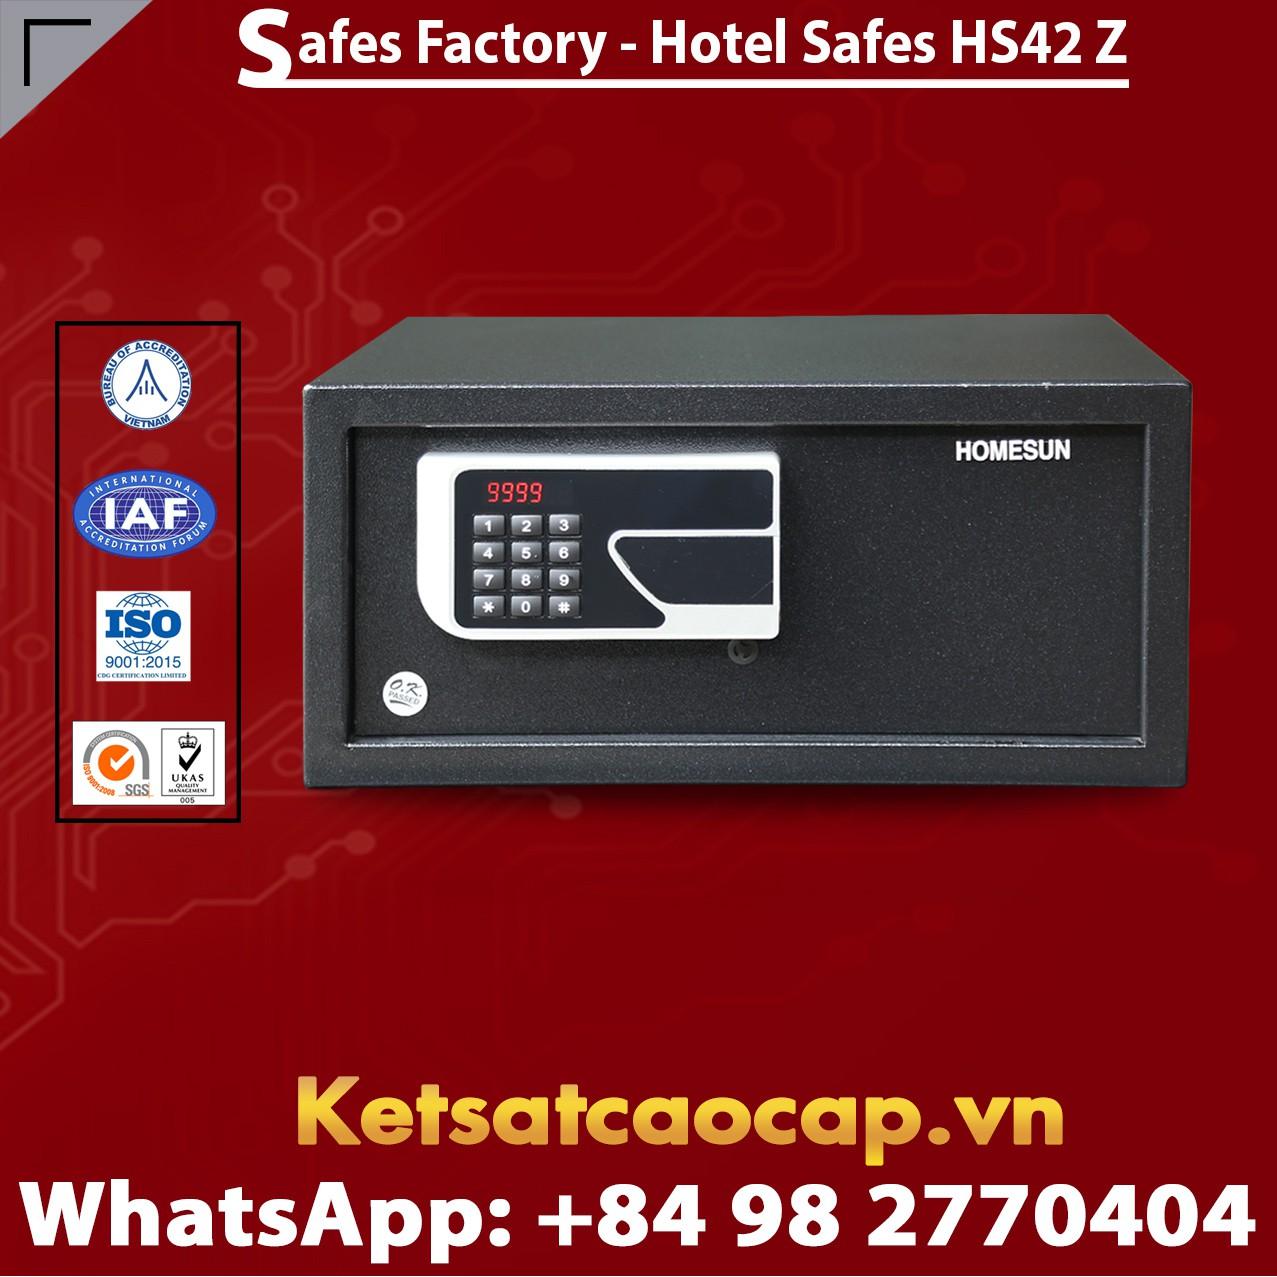 Két Sắt Khách Sạn Hotel Safes HOMESUN HS42 Z